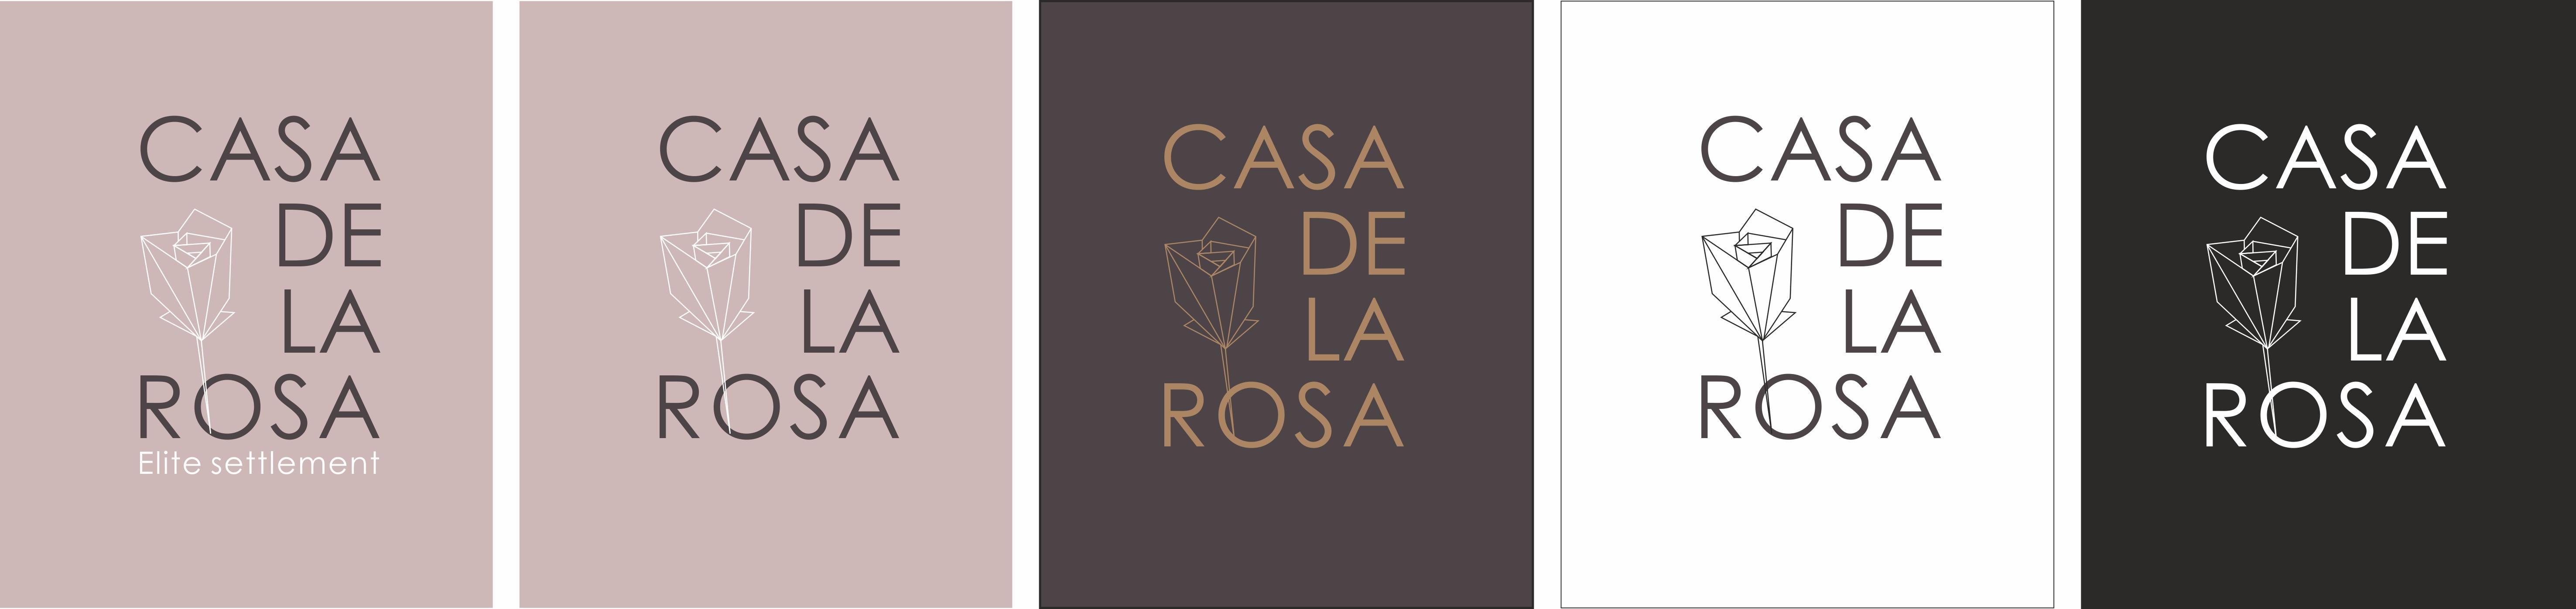 Логотип + Фирменный знак для элитного поселка Casa De La Rosa фото f_9415cd32b71bd289.jpg